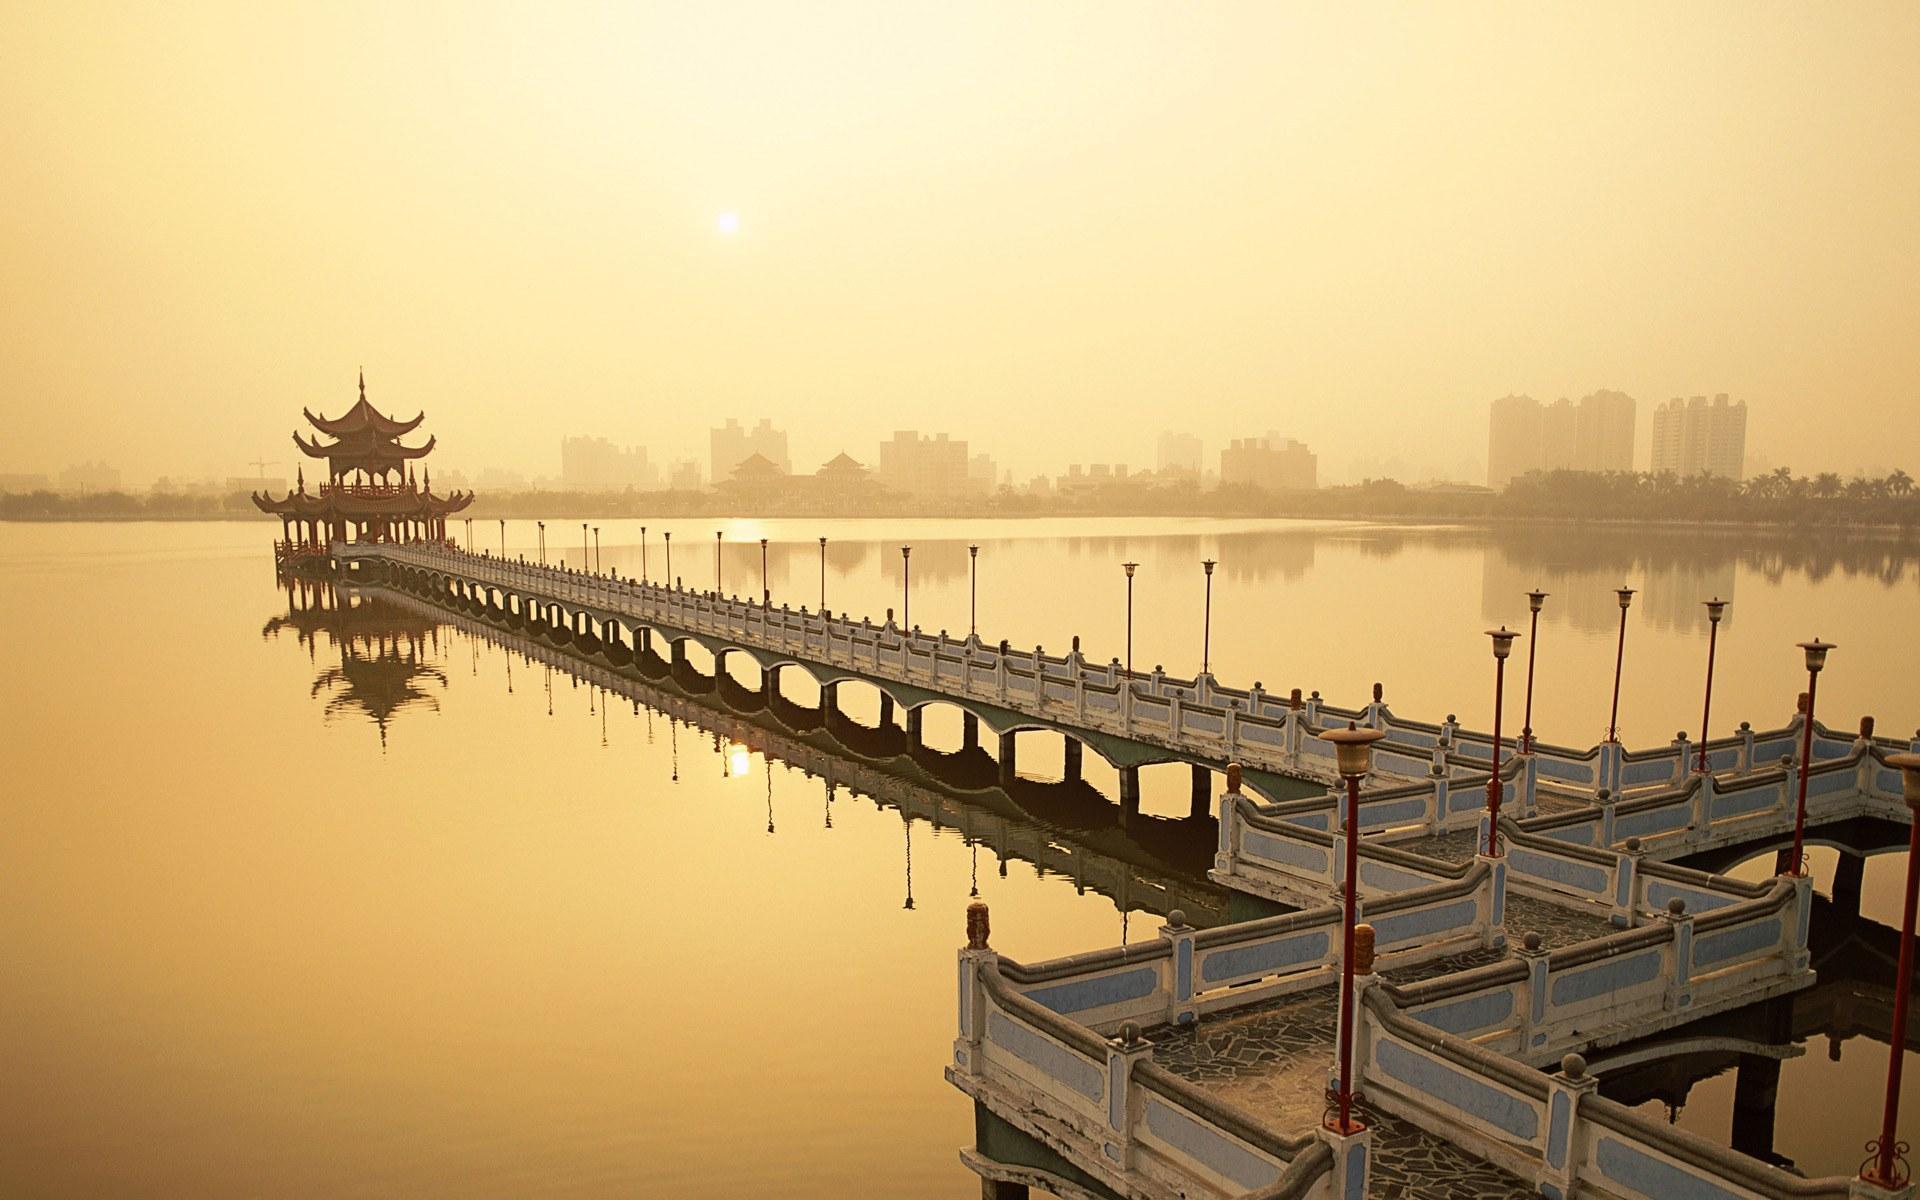 http://beautifulplacestovisit.com/large/lakes/Lotus-Lake-Kaoshiung-Taiwan5.jpg